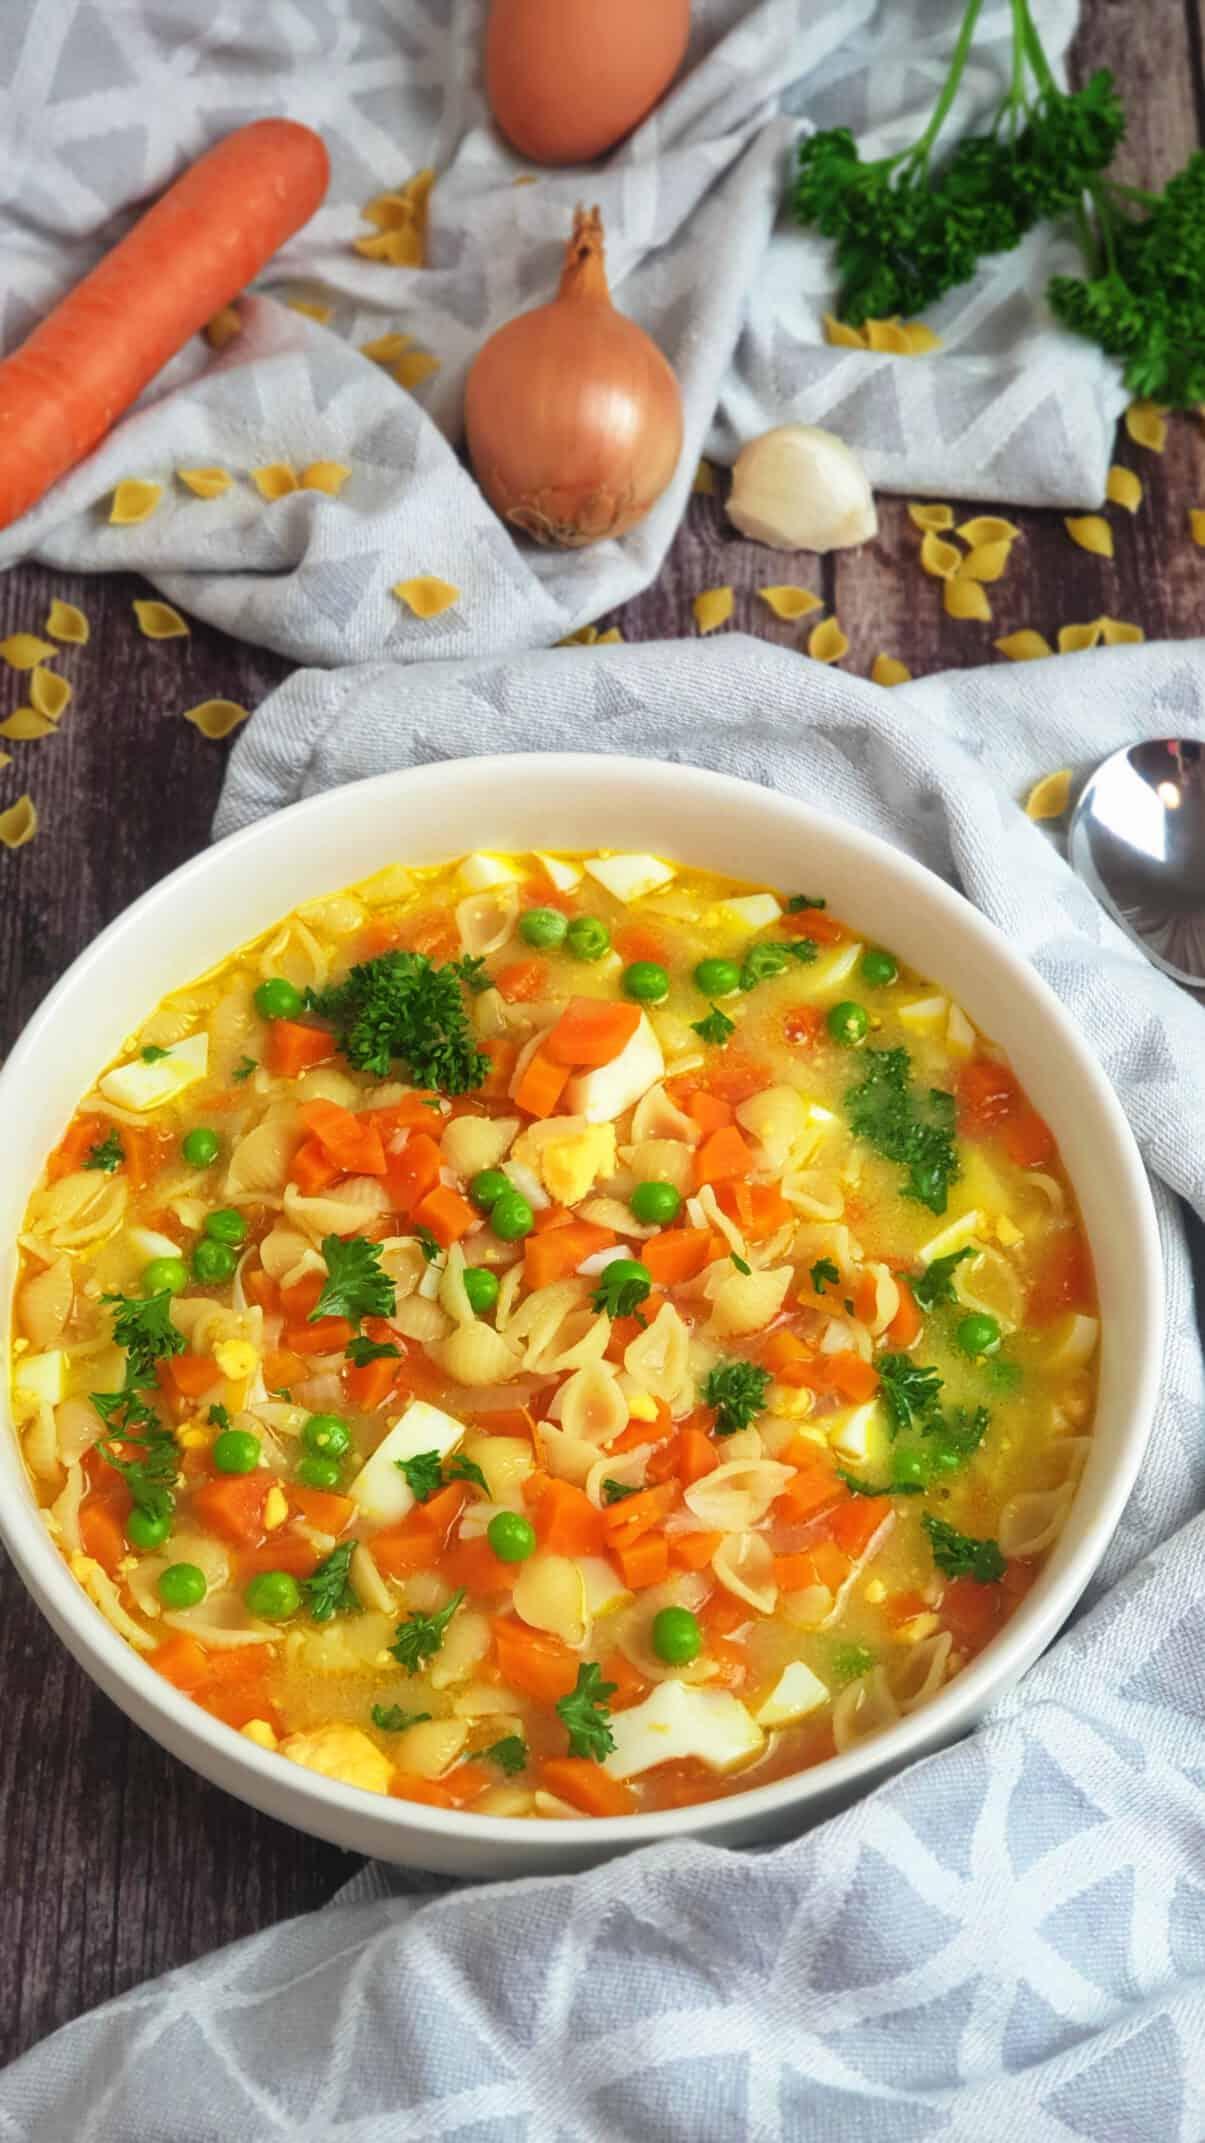 In einer weißen Schale eine Nudelsuppe mit buntem Gemüse und gekochtem Ei. Im Hintergrund Deko.